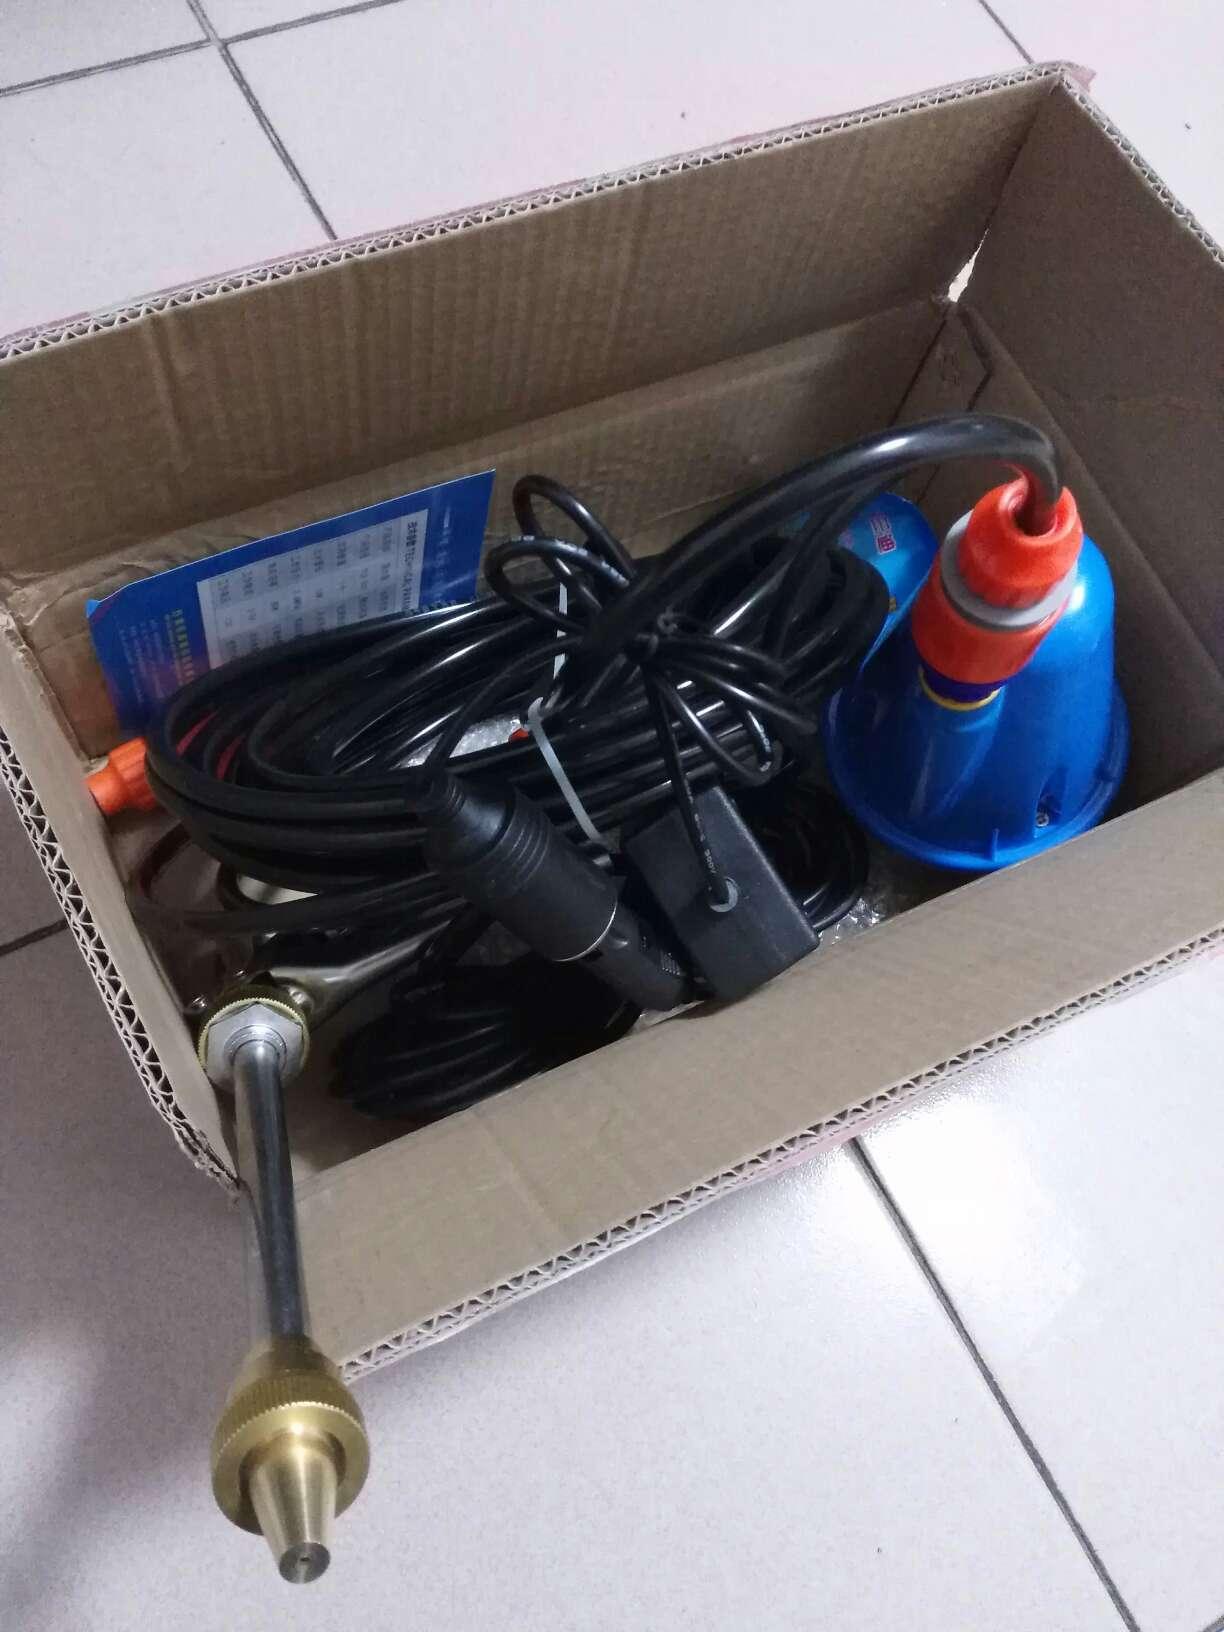 gel lyte iii grey captains blue camo 00299398 replica